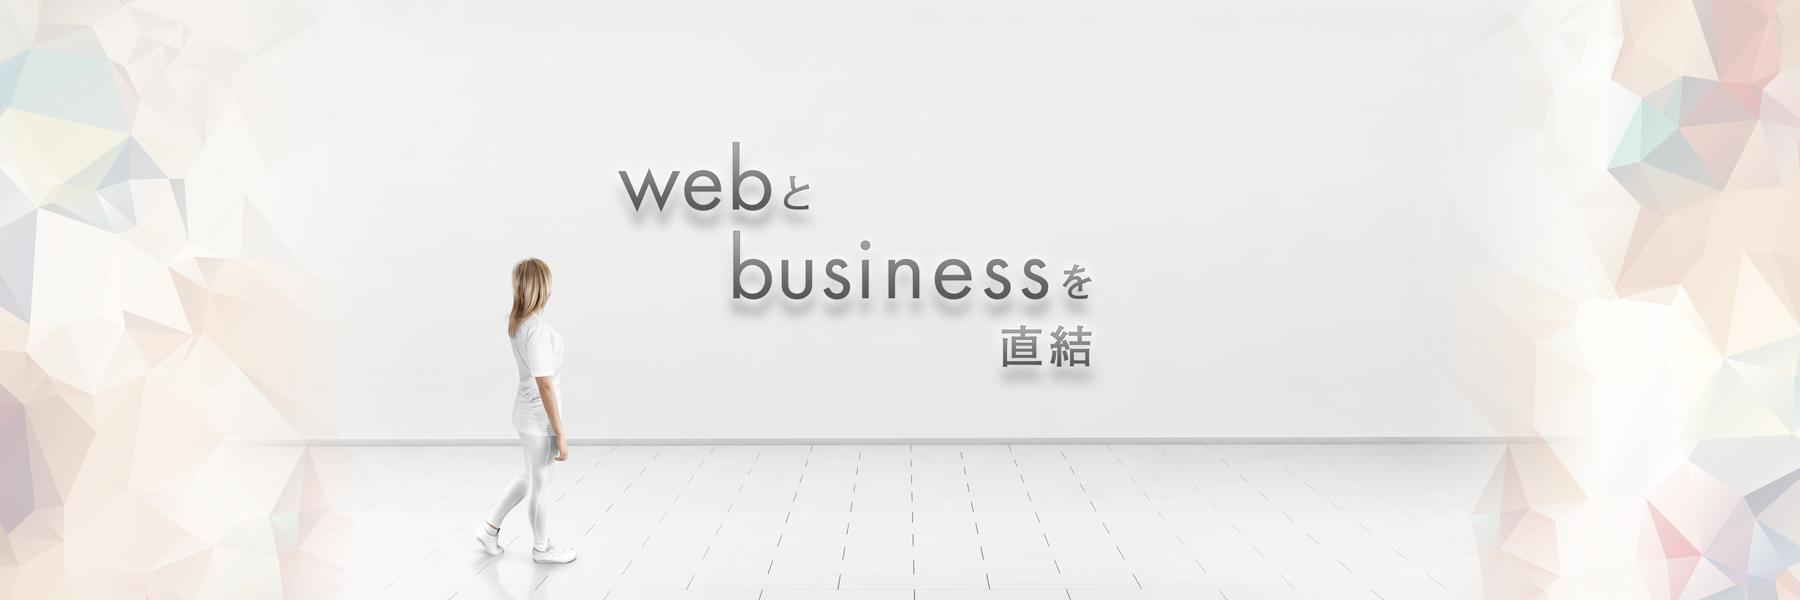 webとビジネスを直結しますアンプルデザインメインビジュアル